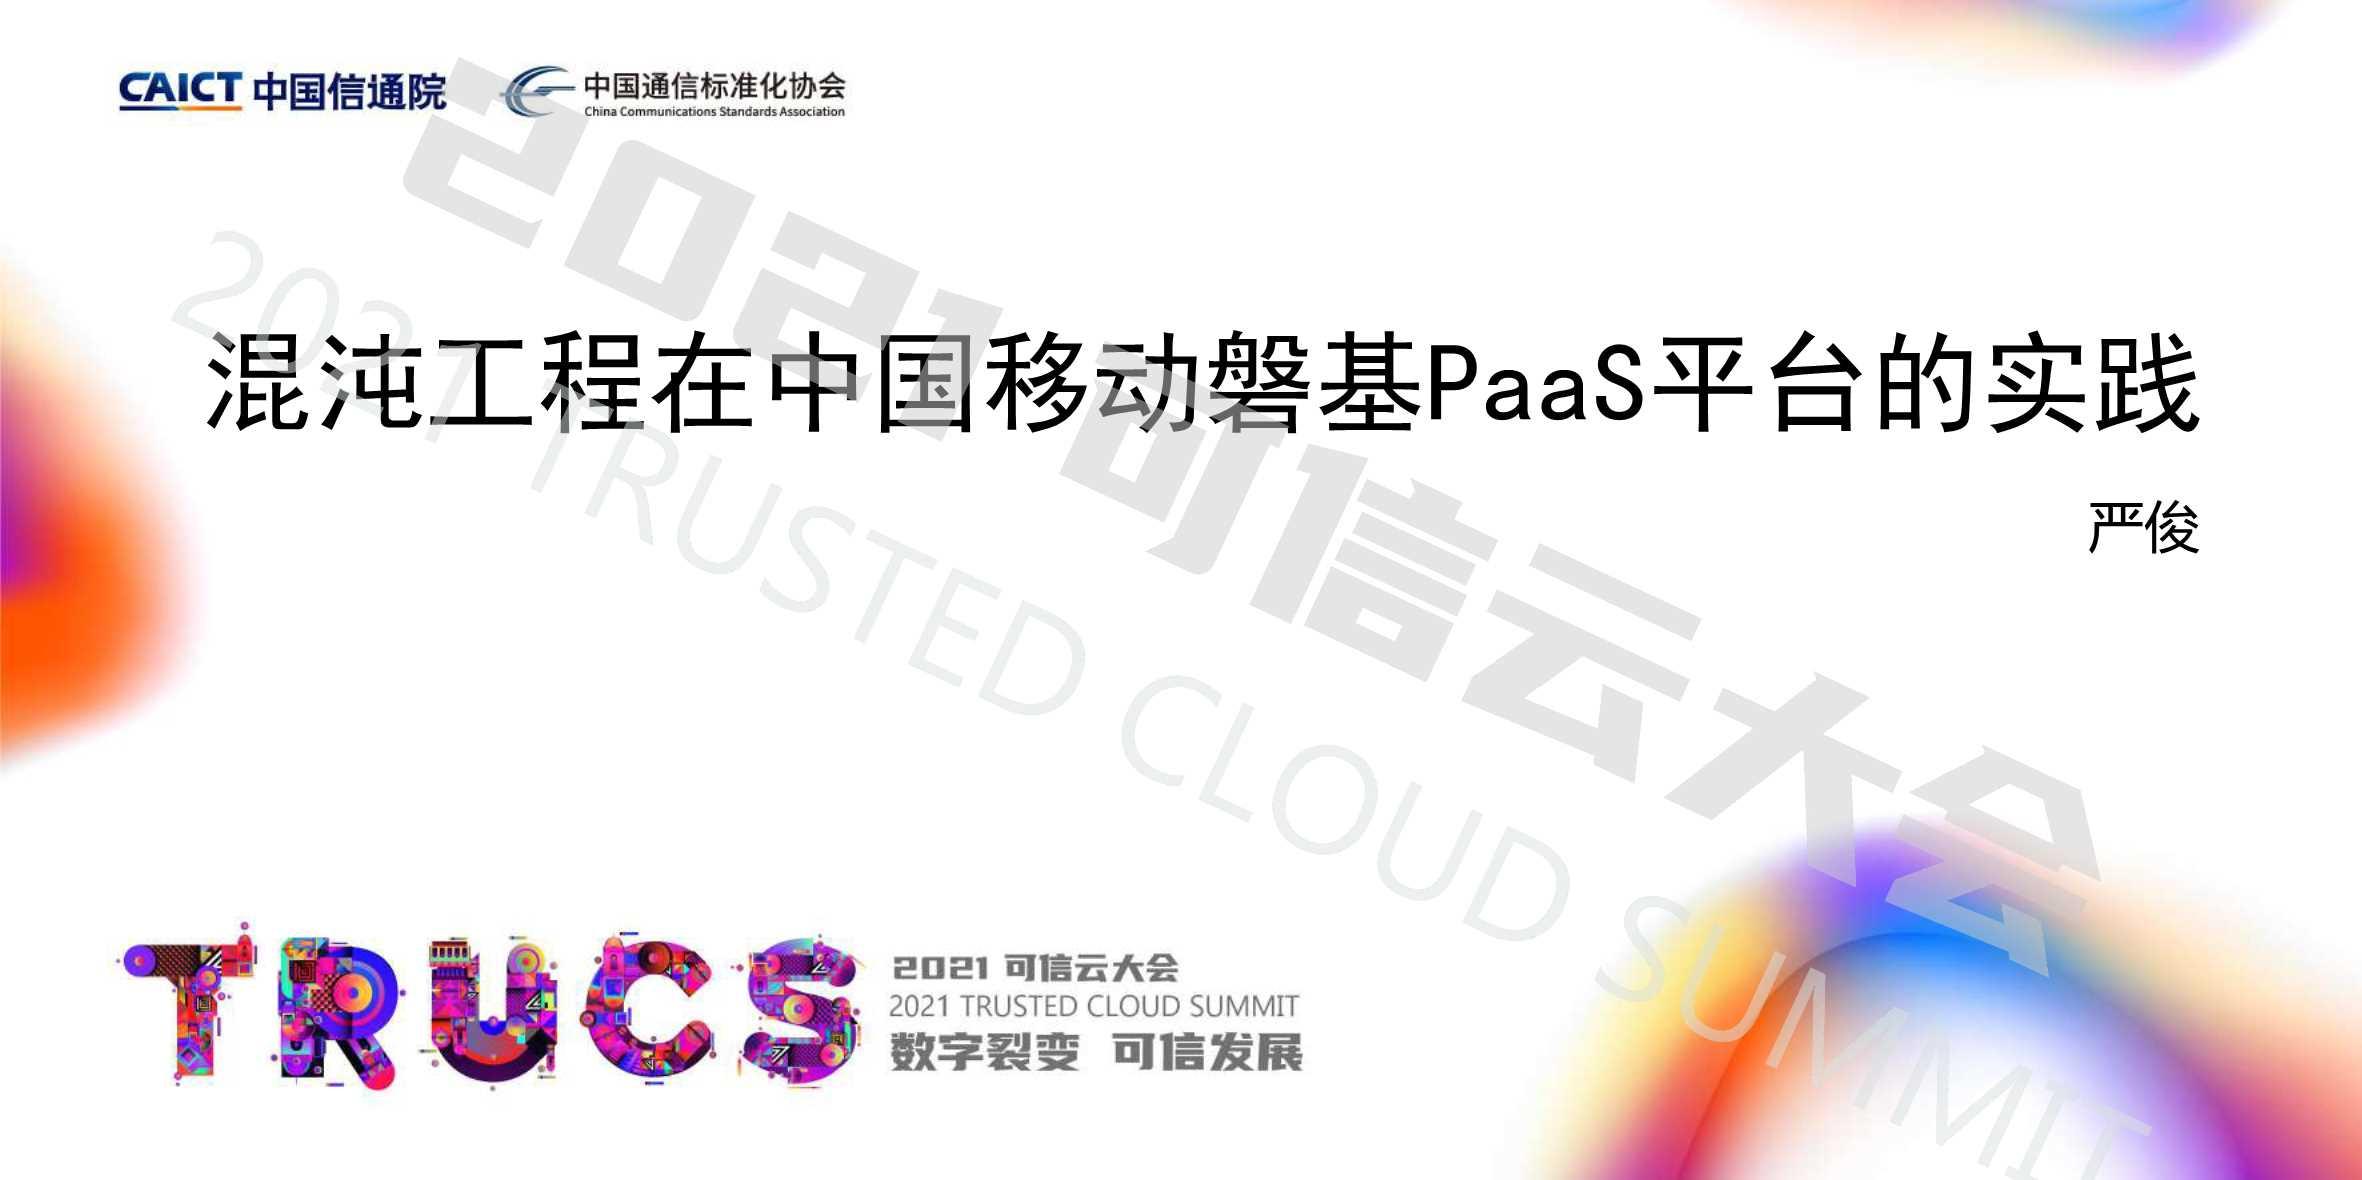 中国移动-混沌工程在中国移动磐基PaaS平台的实践-30页